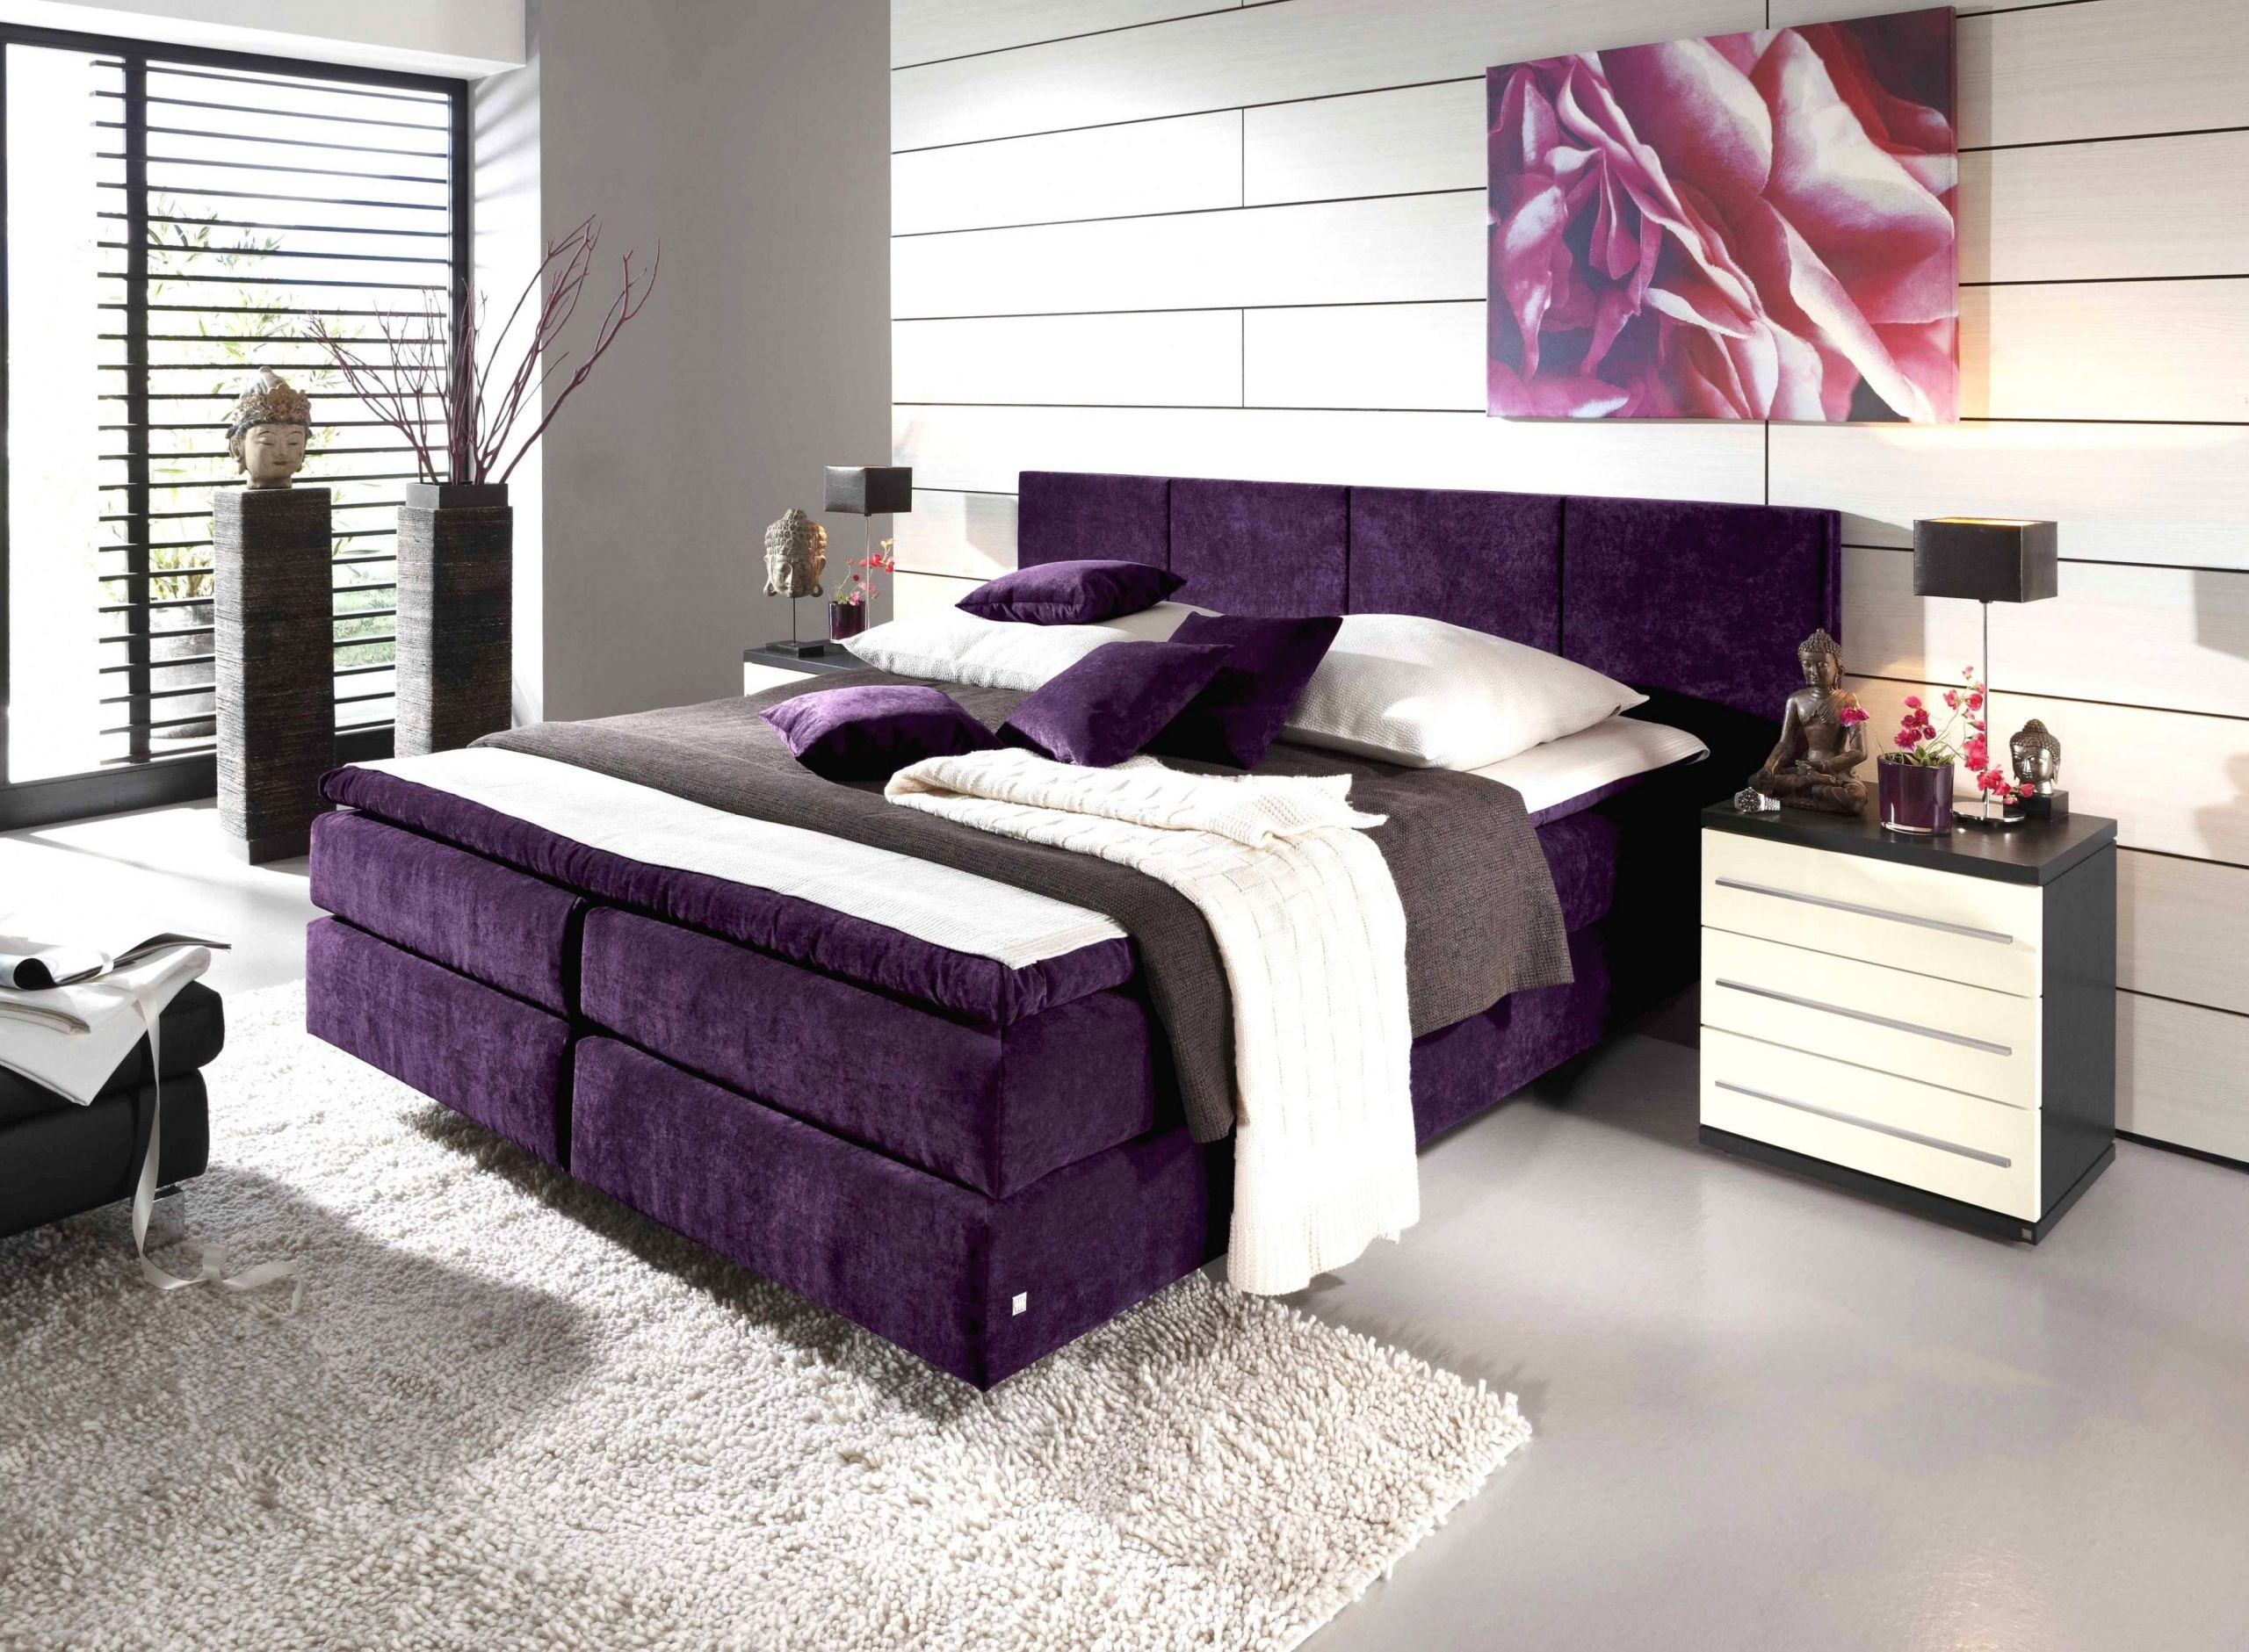 Full Size of 33 Das Beste Von Musterring Wohnzimmer Inspirierend Betten Bei Ikea Ruf Preise Billige 200x200 Mit Schubladen Schöne Weiß 200x220 Günstige 160x200 Ebay Aus Bett Musterring Betten